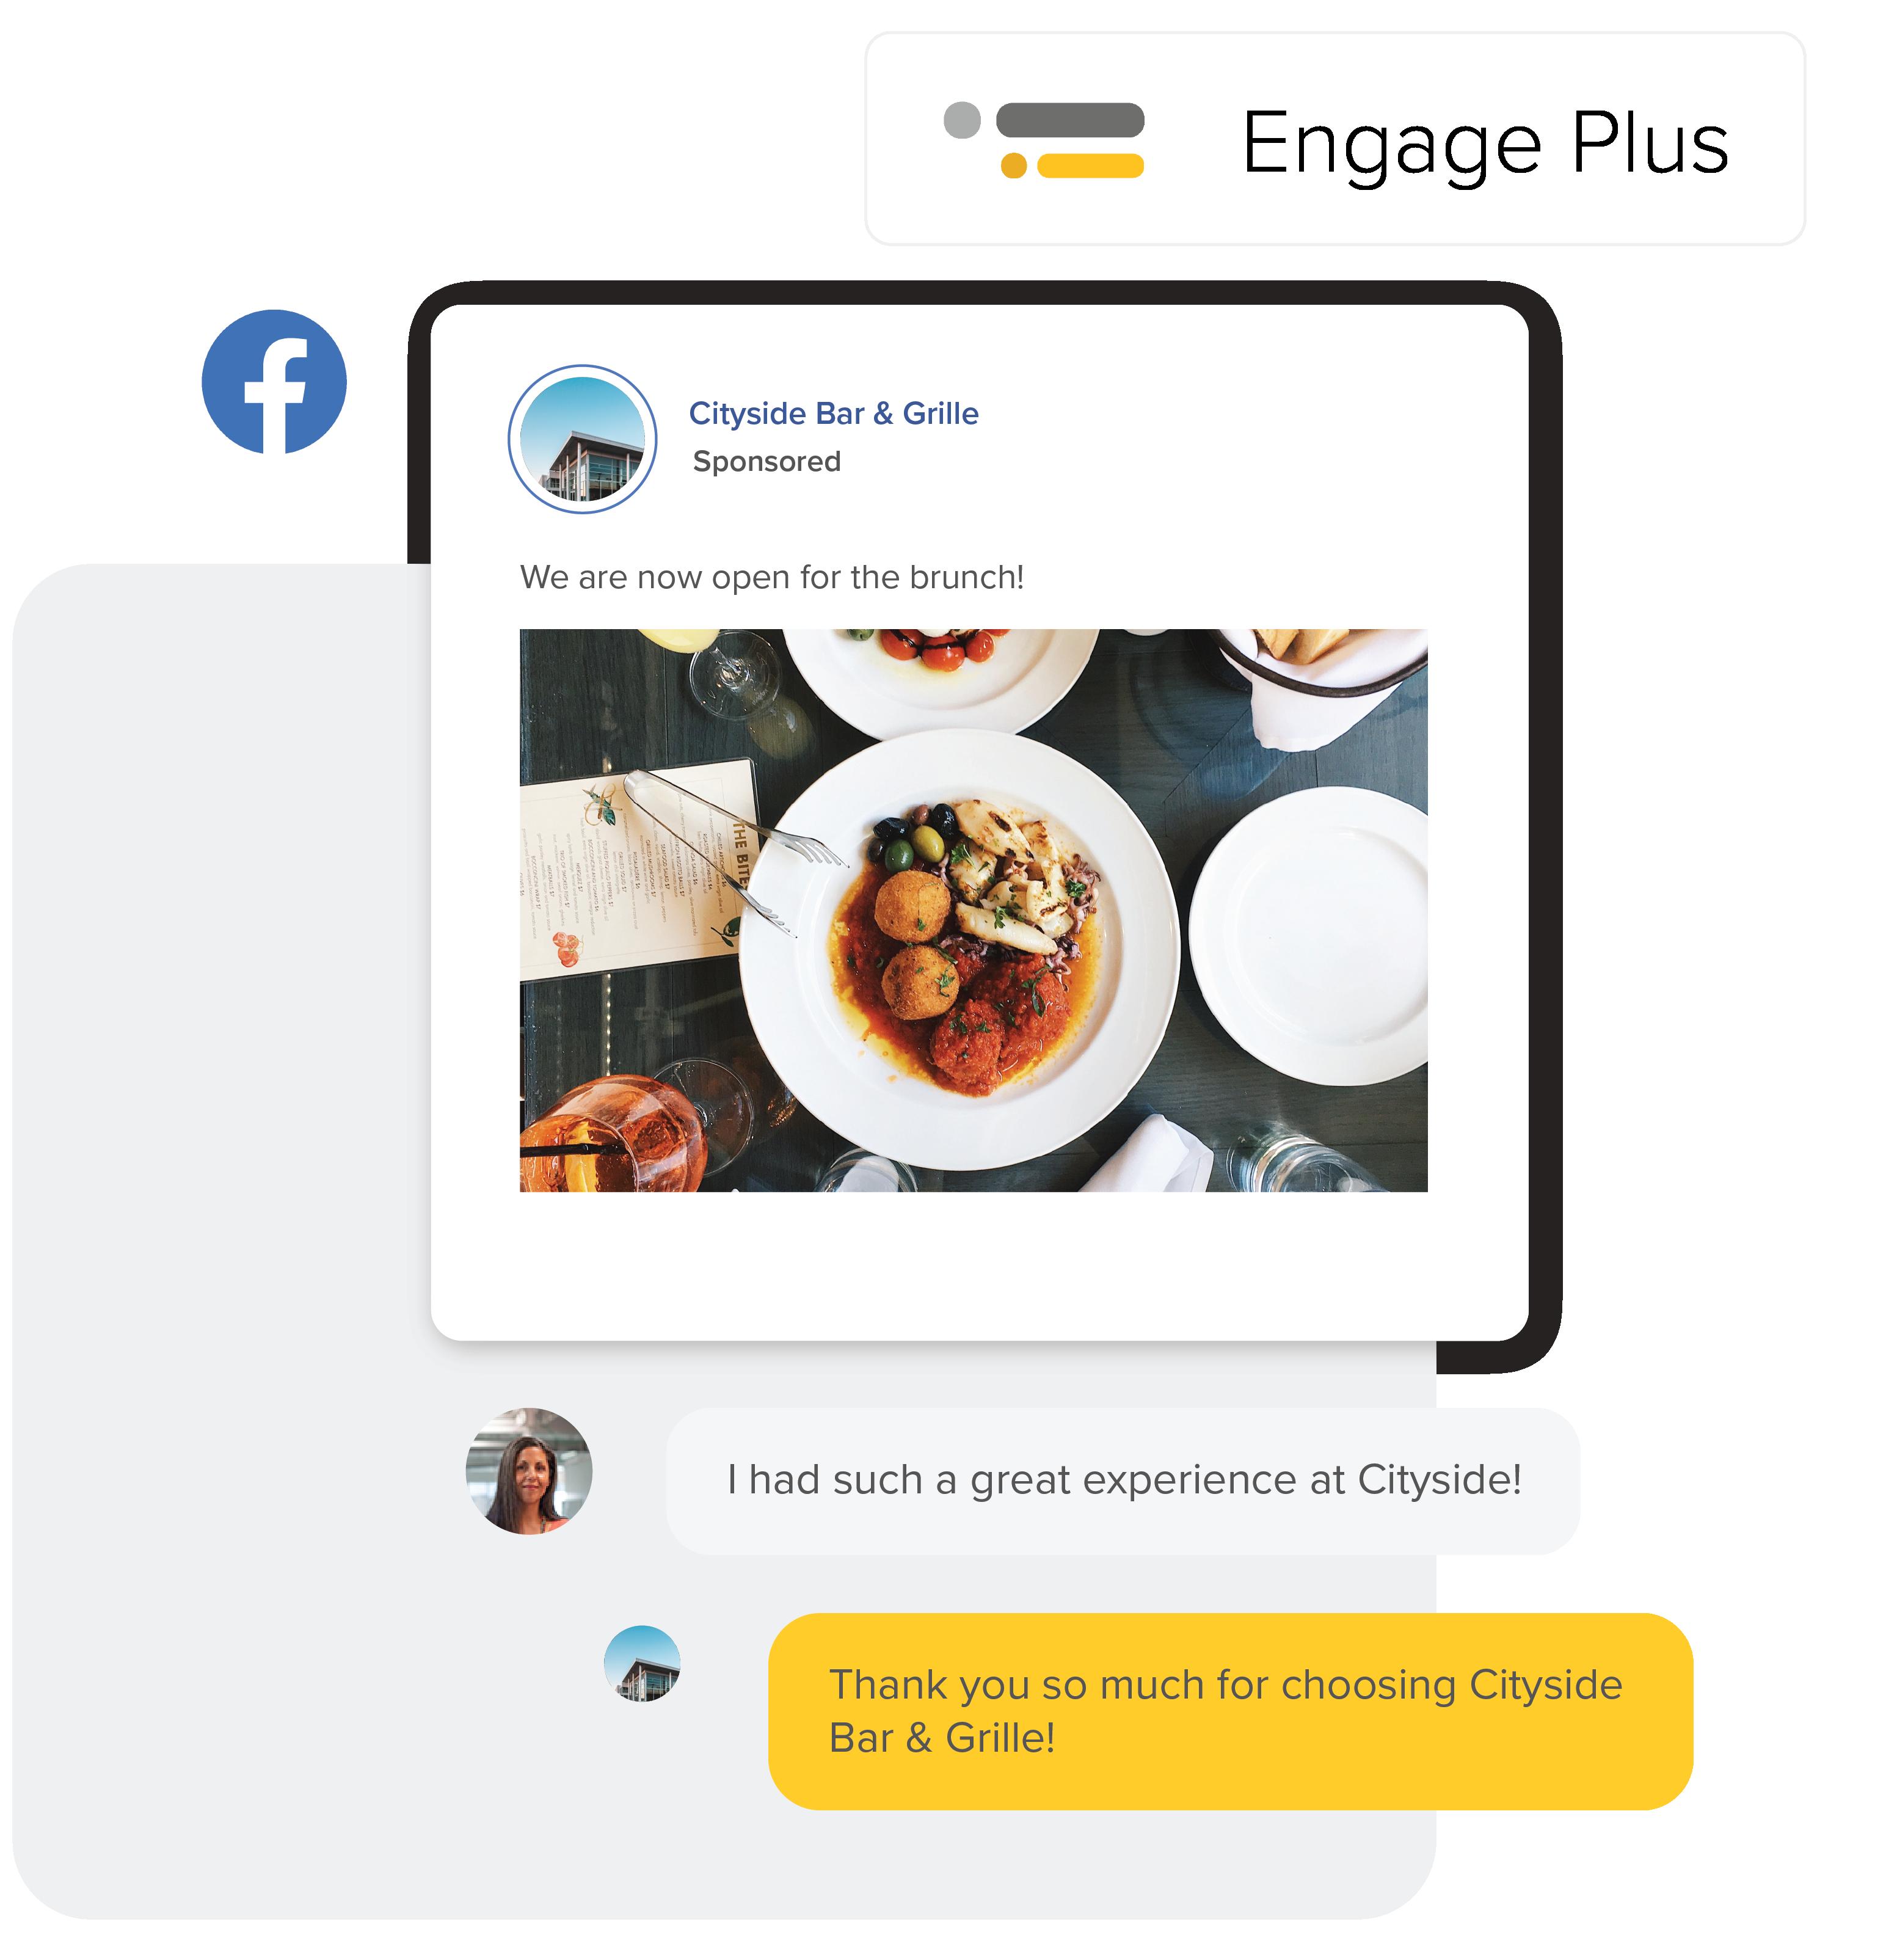 Restaurant_engage_plus